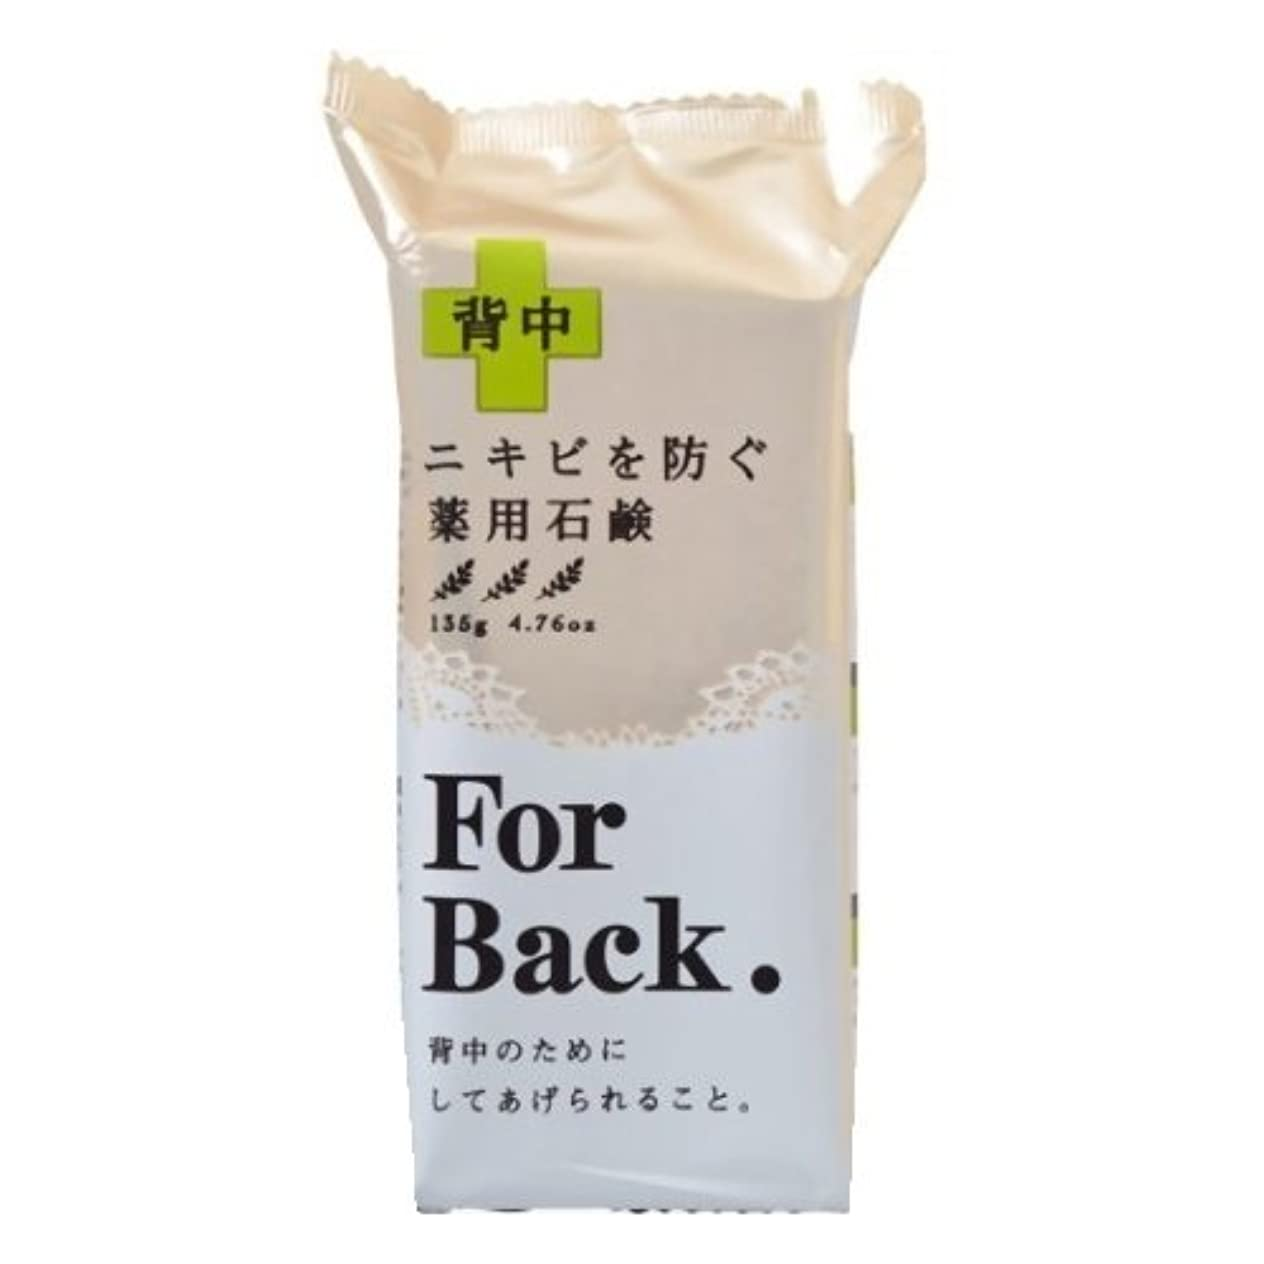 言語放棄する理解薬用石鹸ForBack 135g